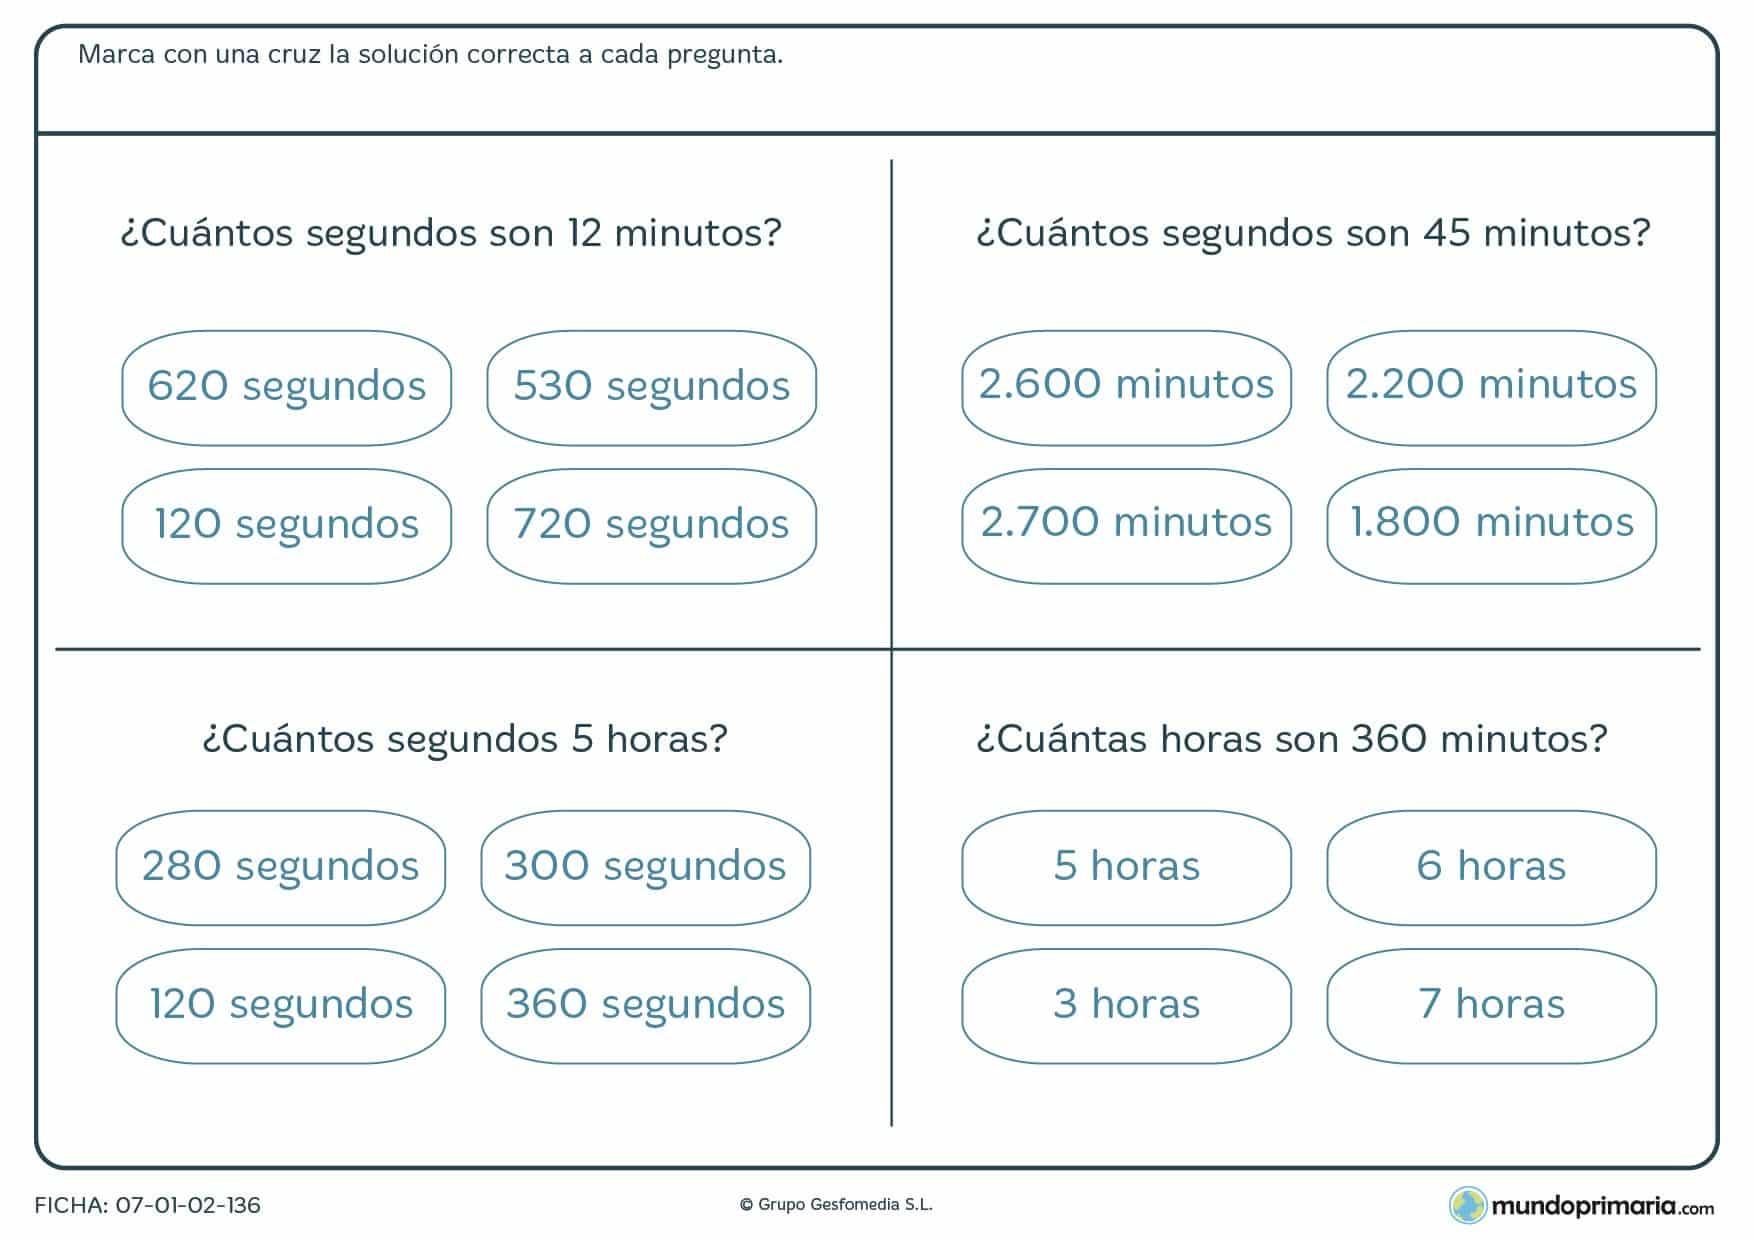 Ficha de minutos, horas y segundos, marca la respuesta correcta después de hallar la equivalencia.